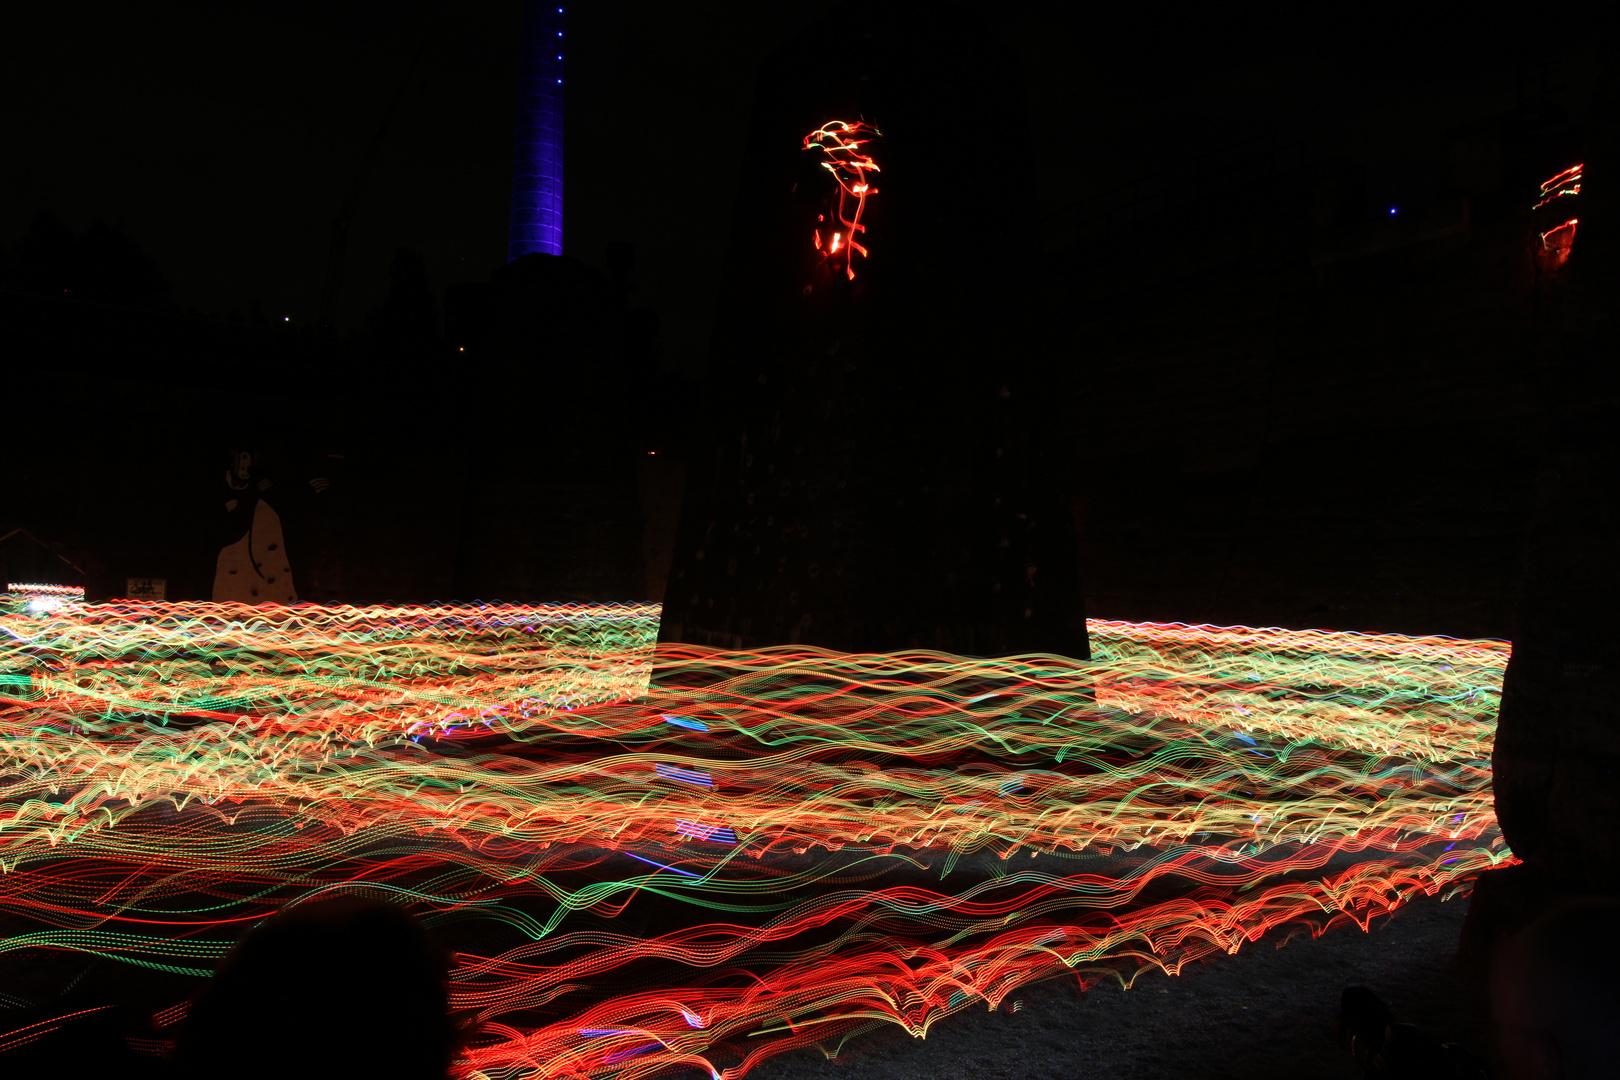 Lichterwellen